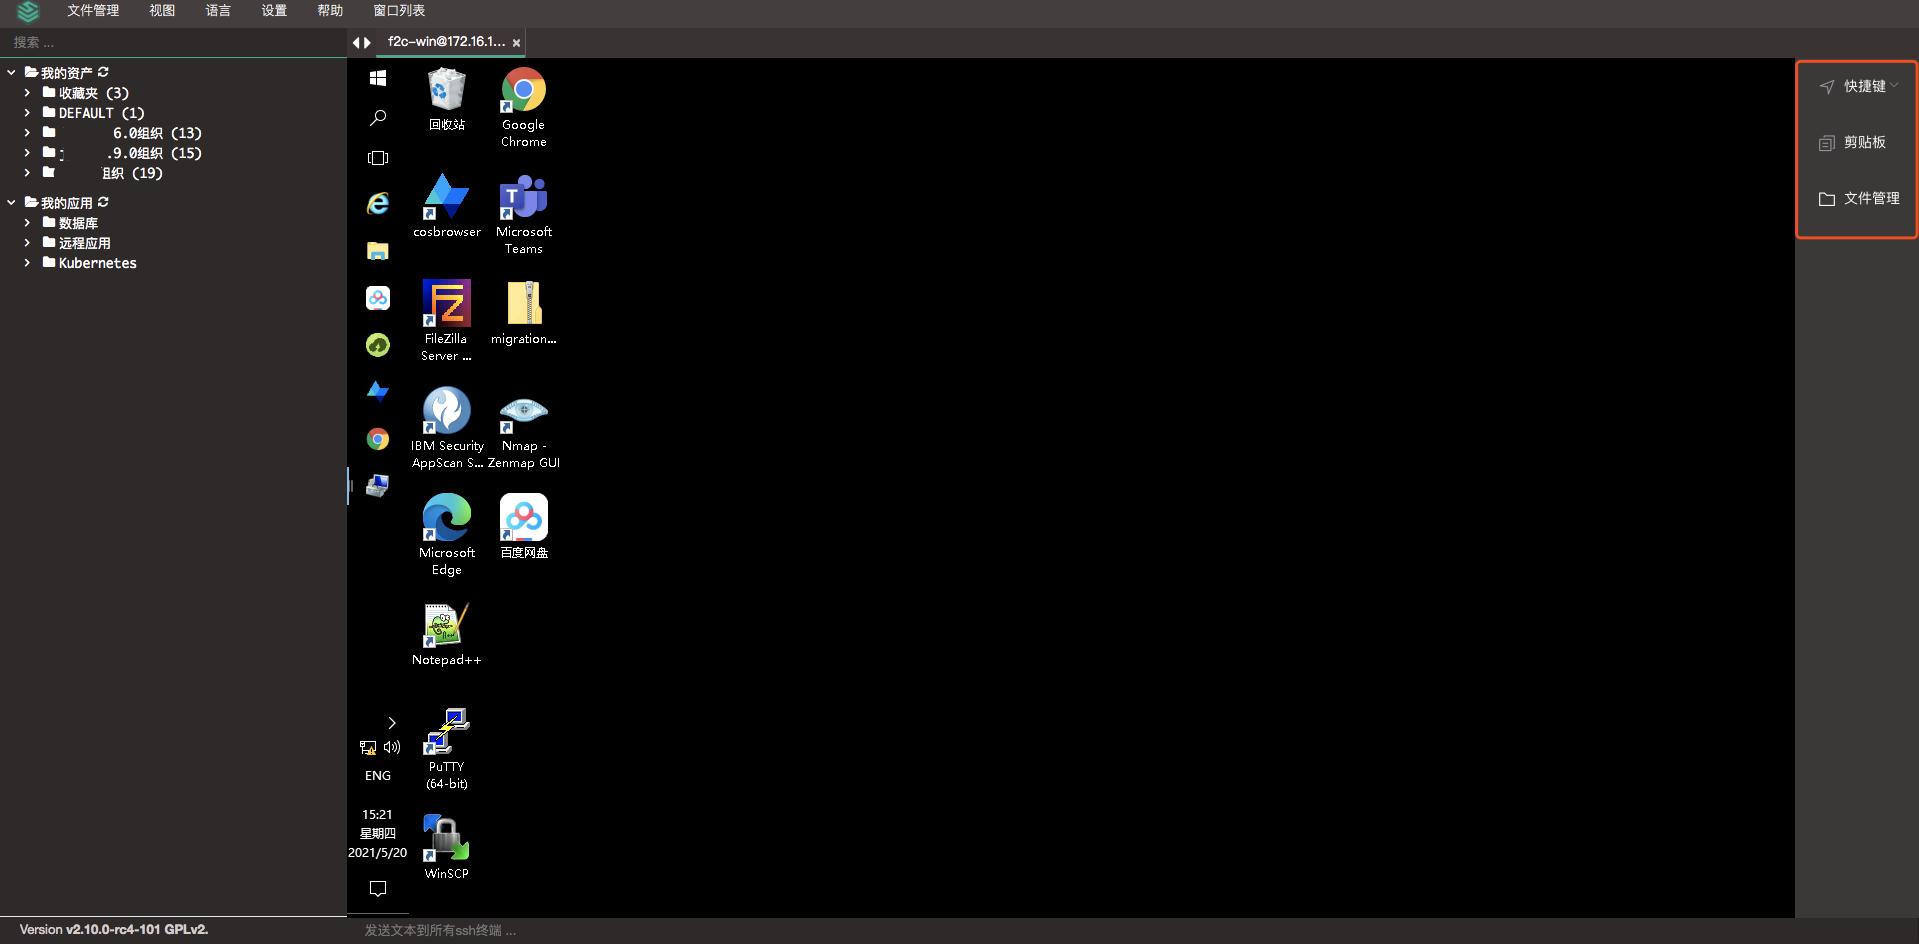 支持企业微信、钉钉登录和Windows会话监控,JumpServer v2.10发布